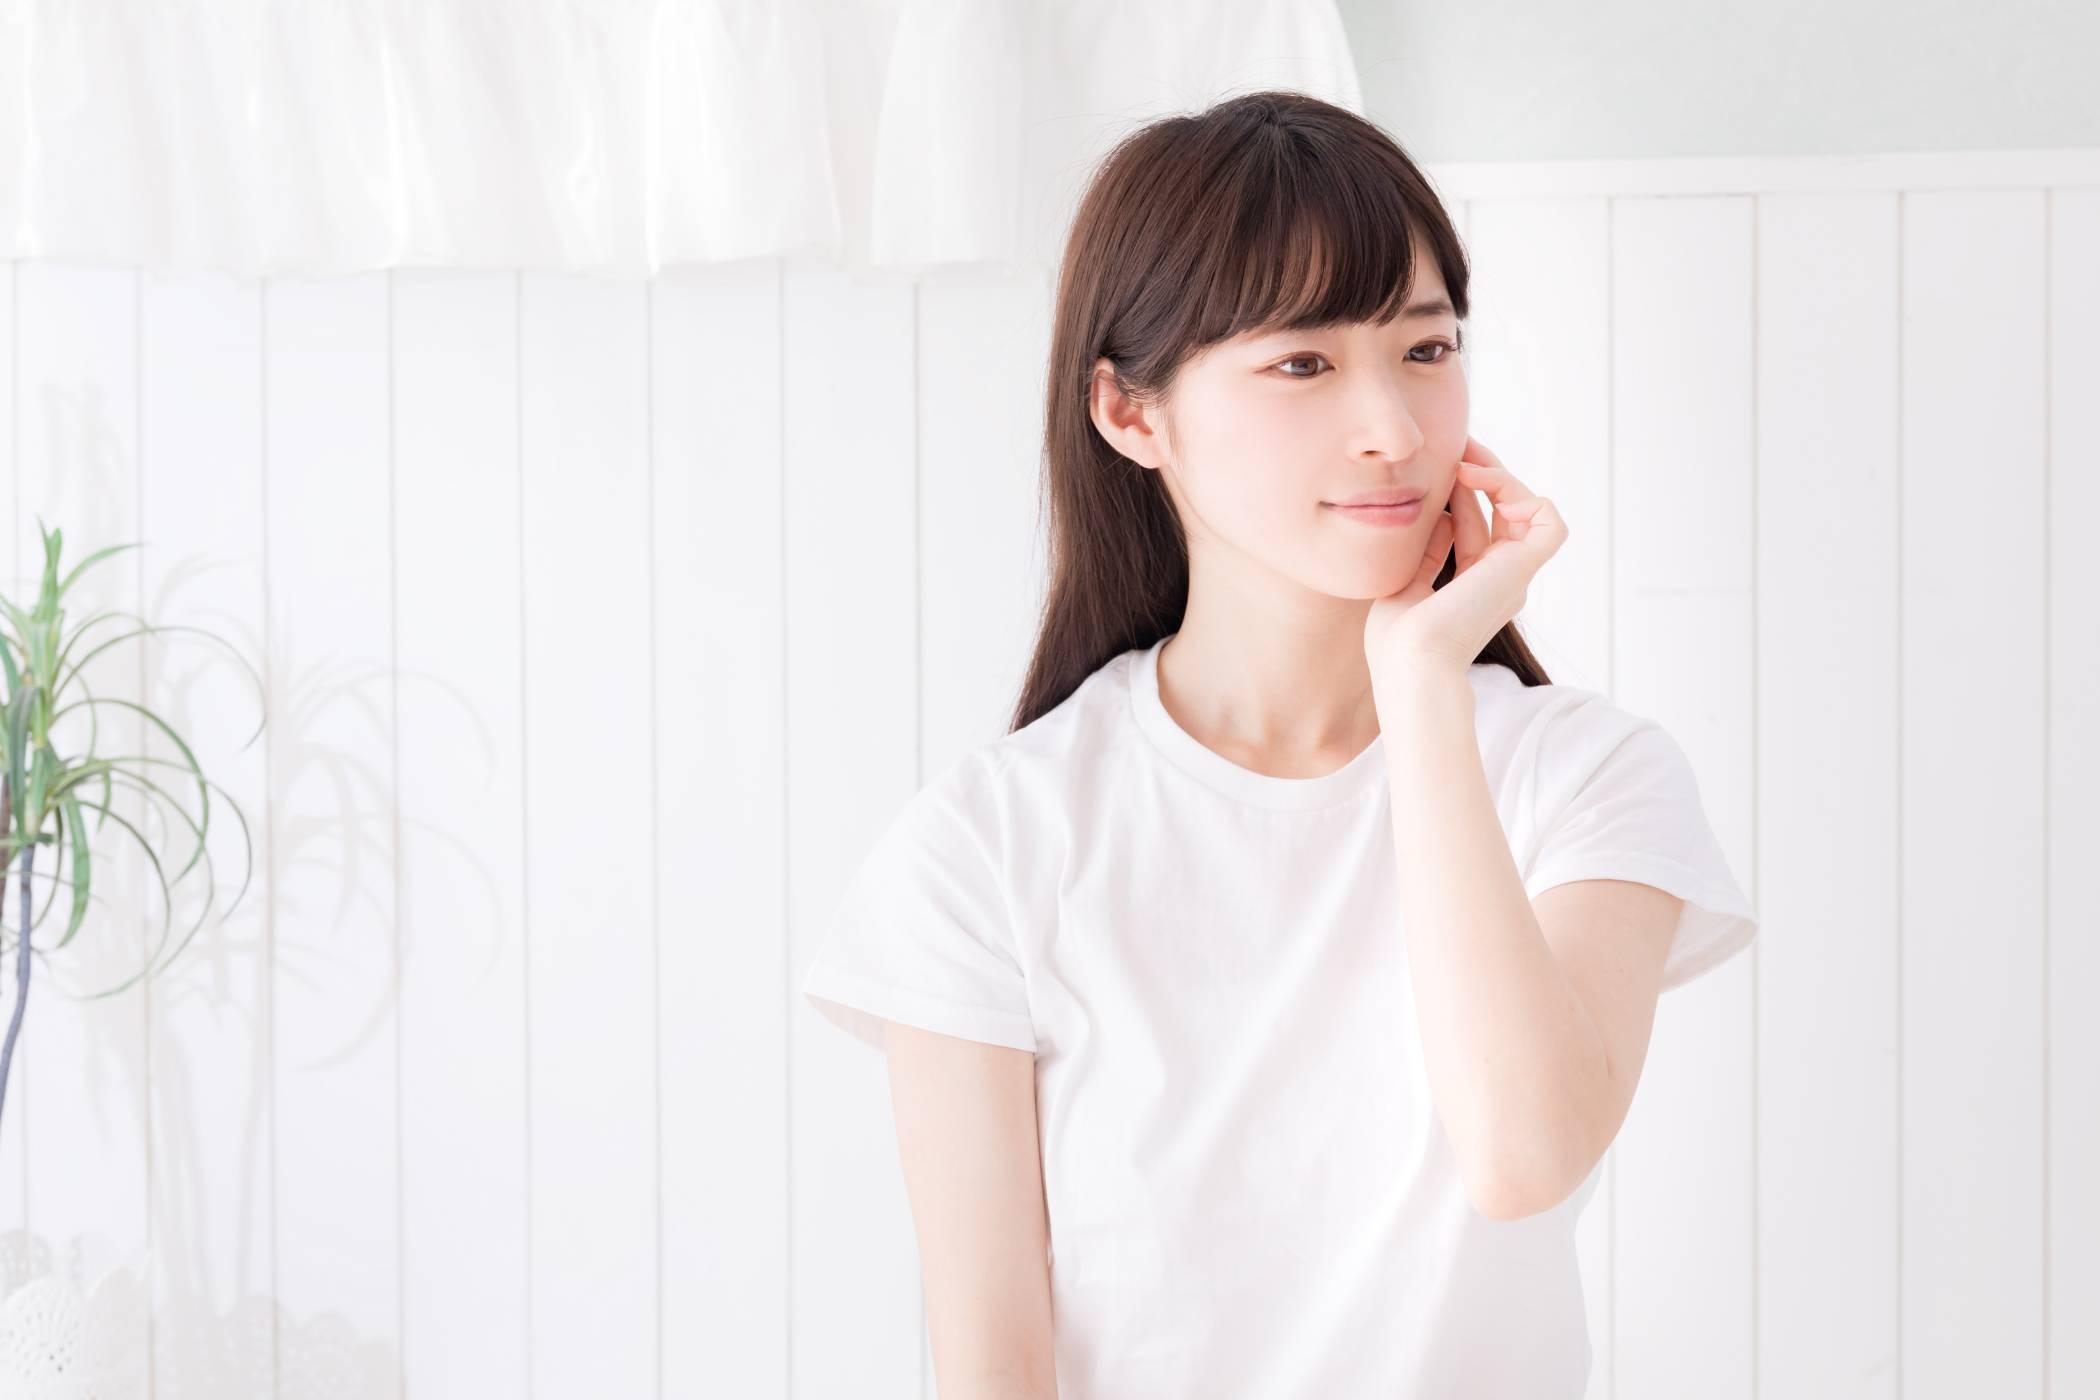 歯を再石灰化するって何?再石灰化のメカニズムや促進方法とは